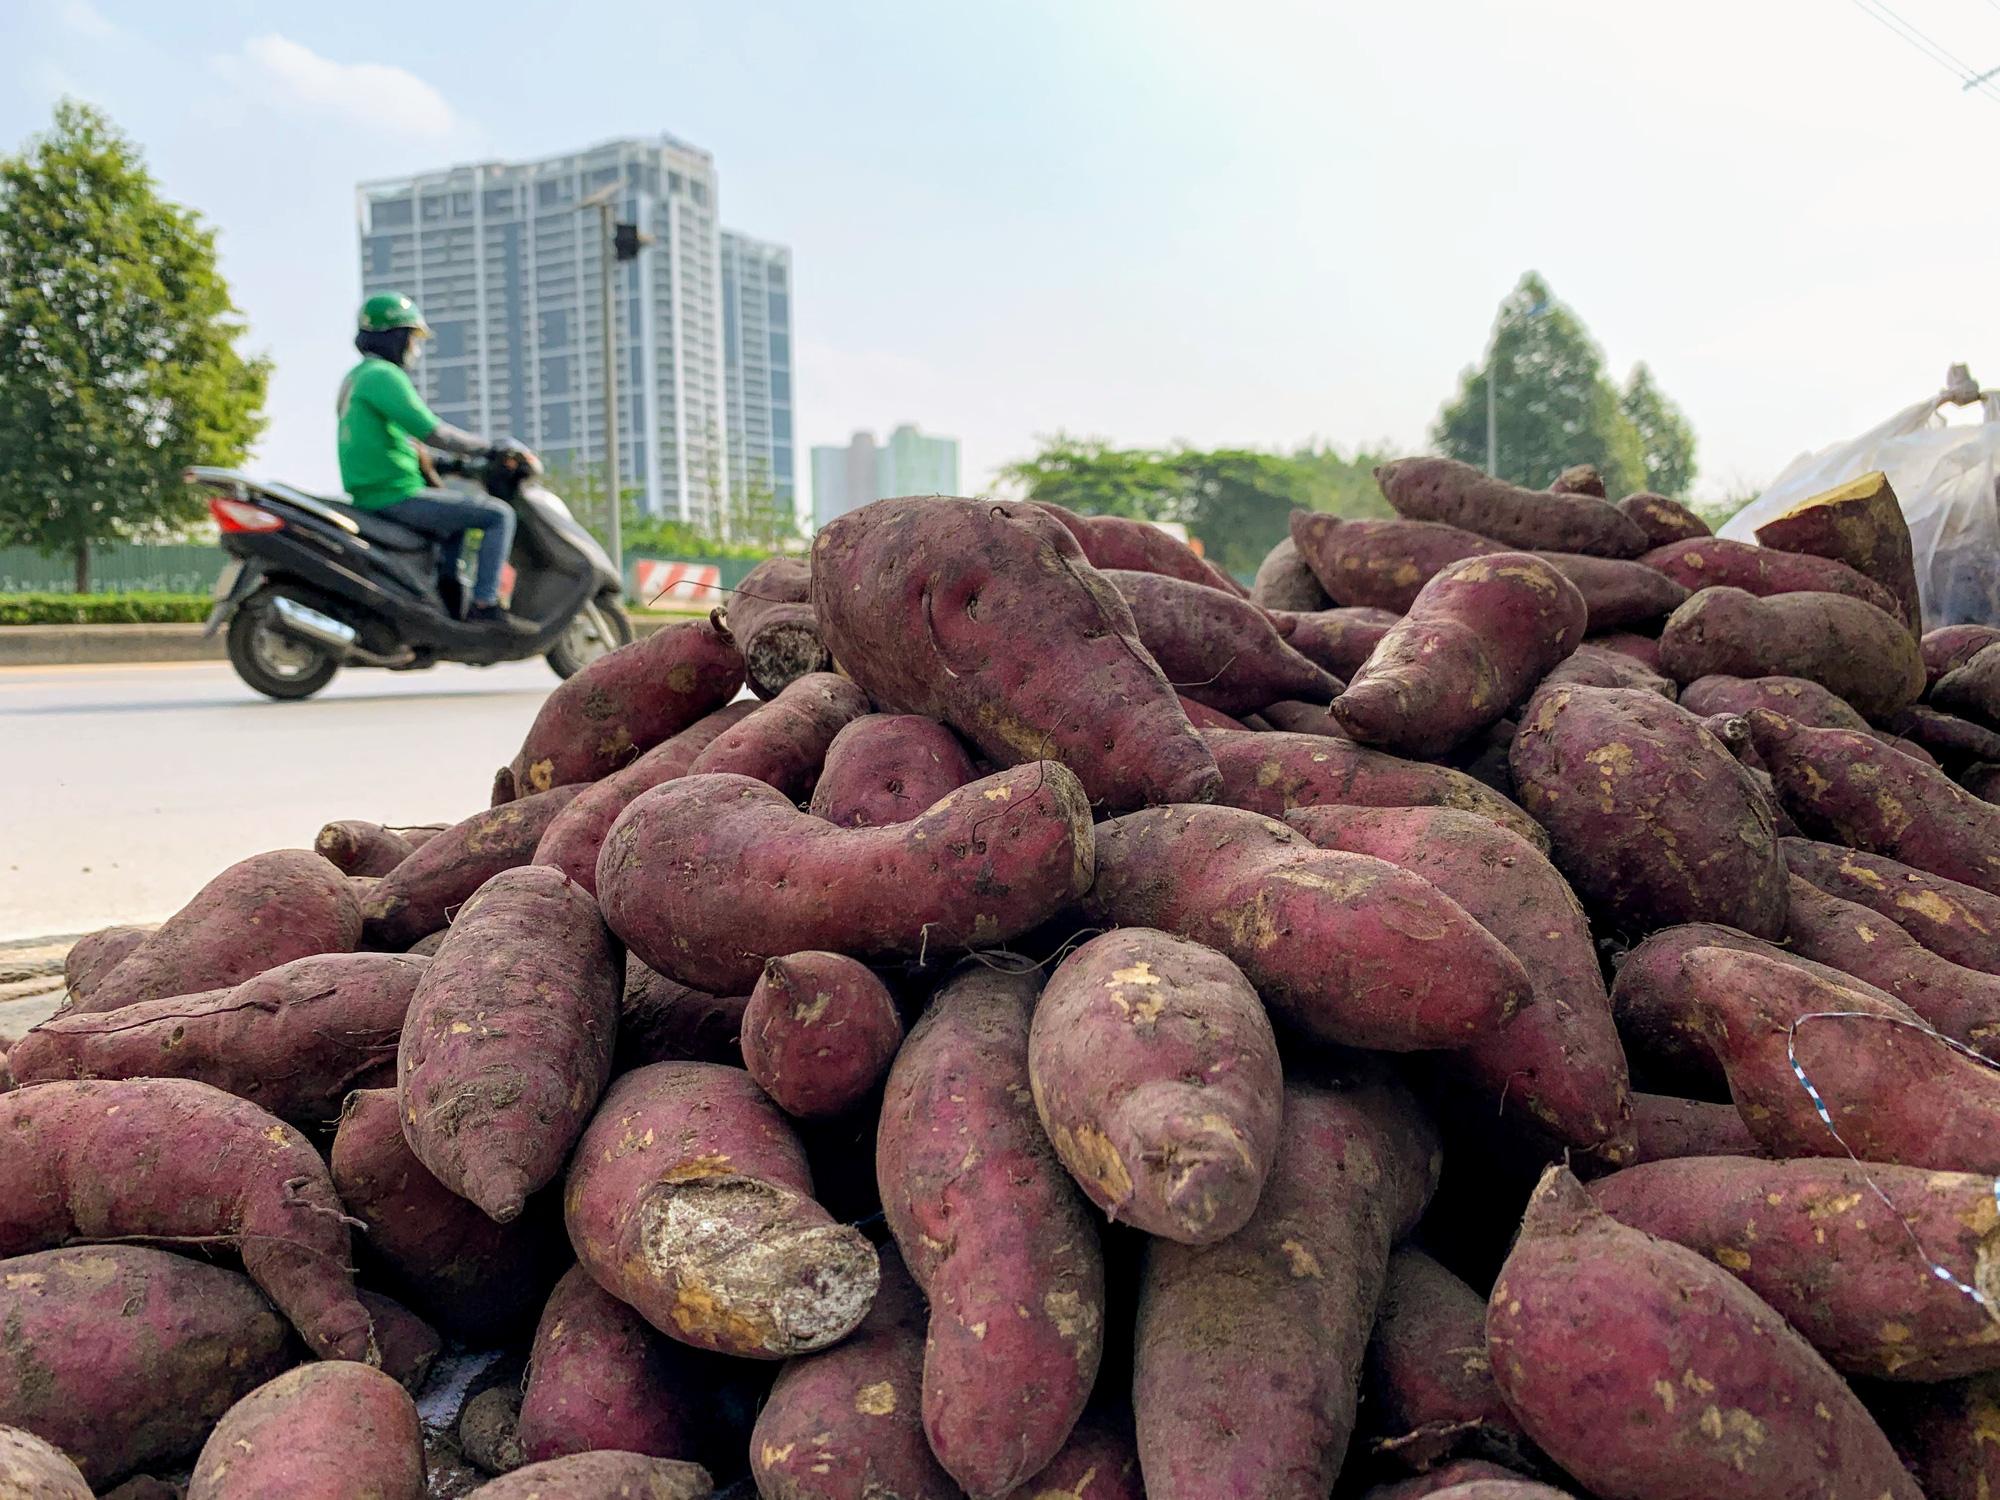 Hàng trăm tấn khoai lang nằm dài trên đường phố Hà Nội chờ 'giải cứu' - Ảnh 3.